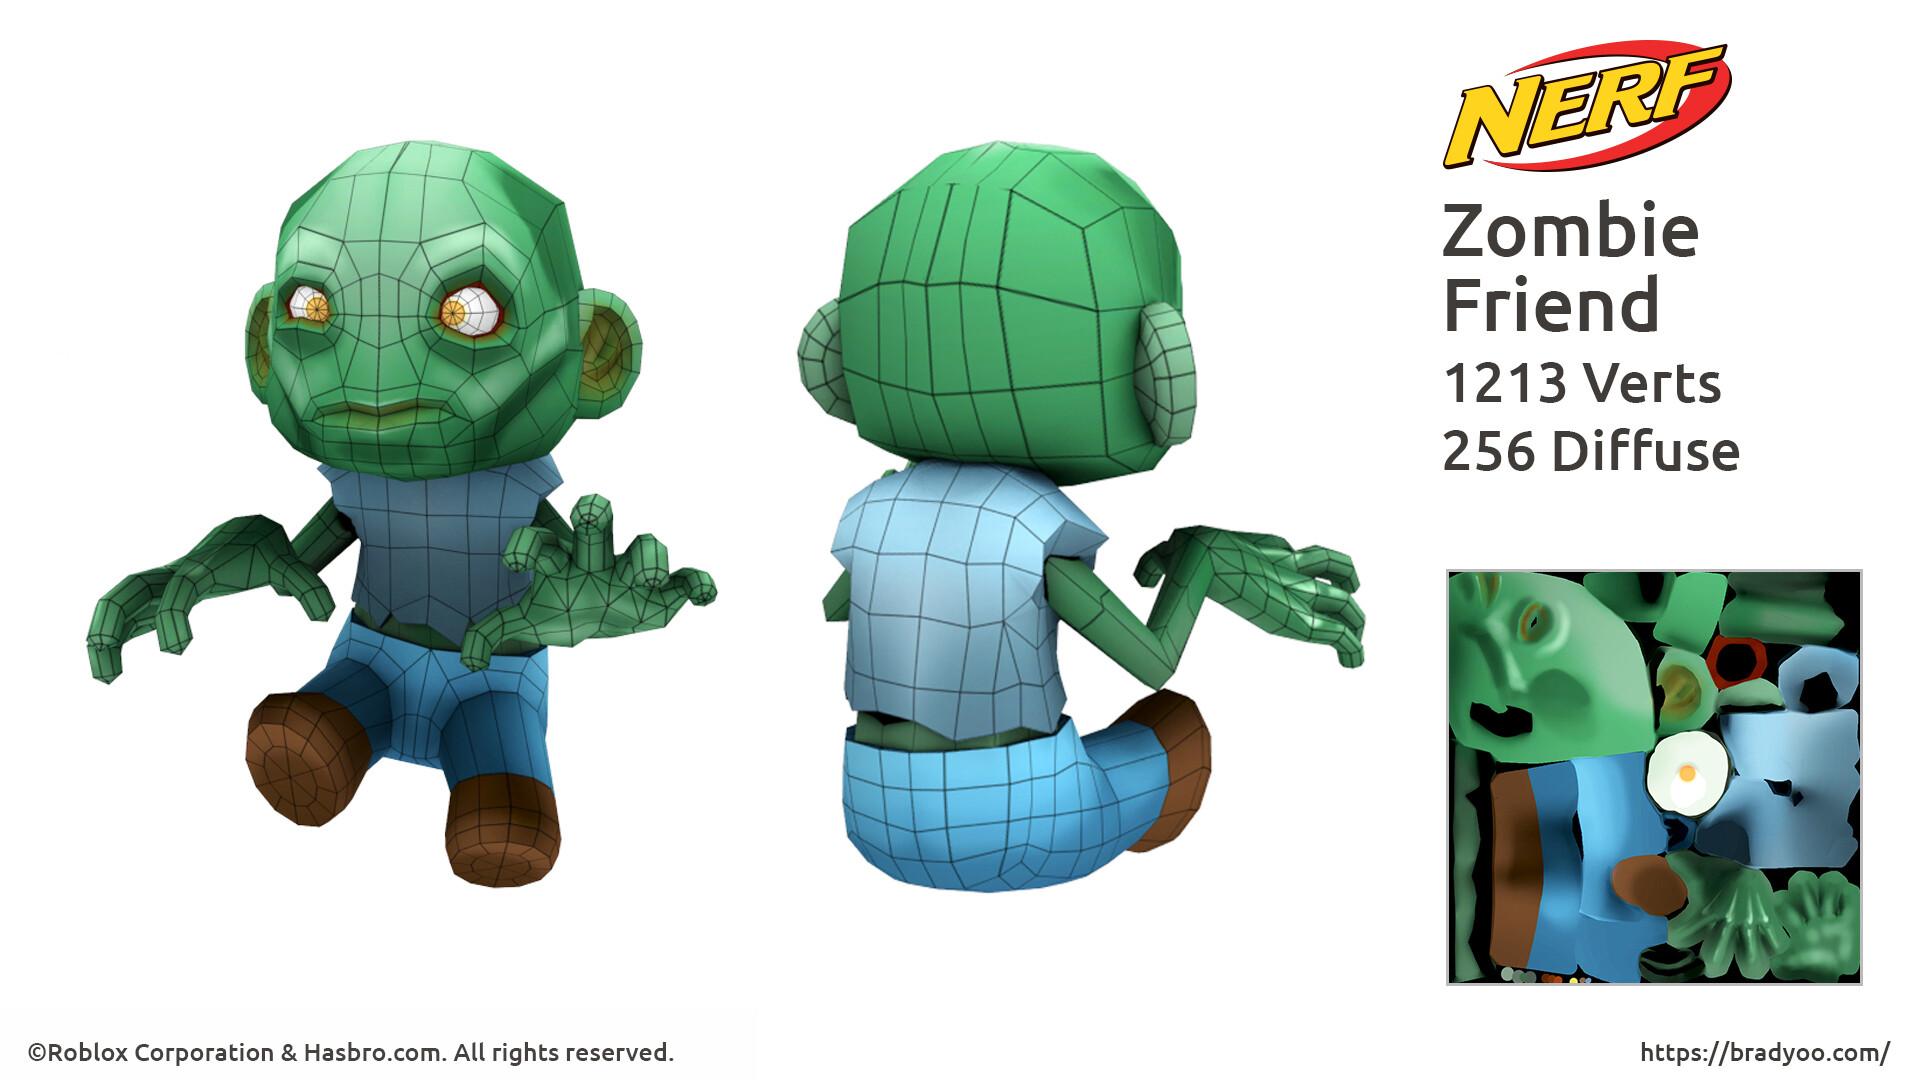 Brx yoo nerf zombie img 02